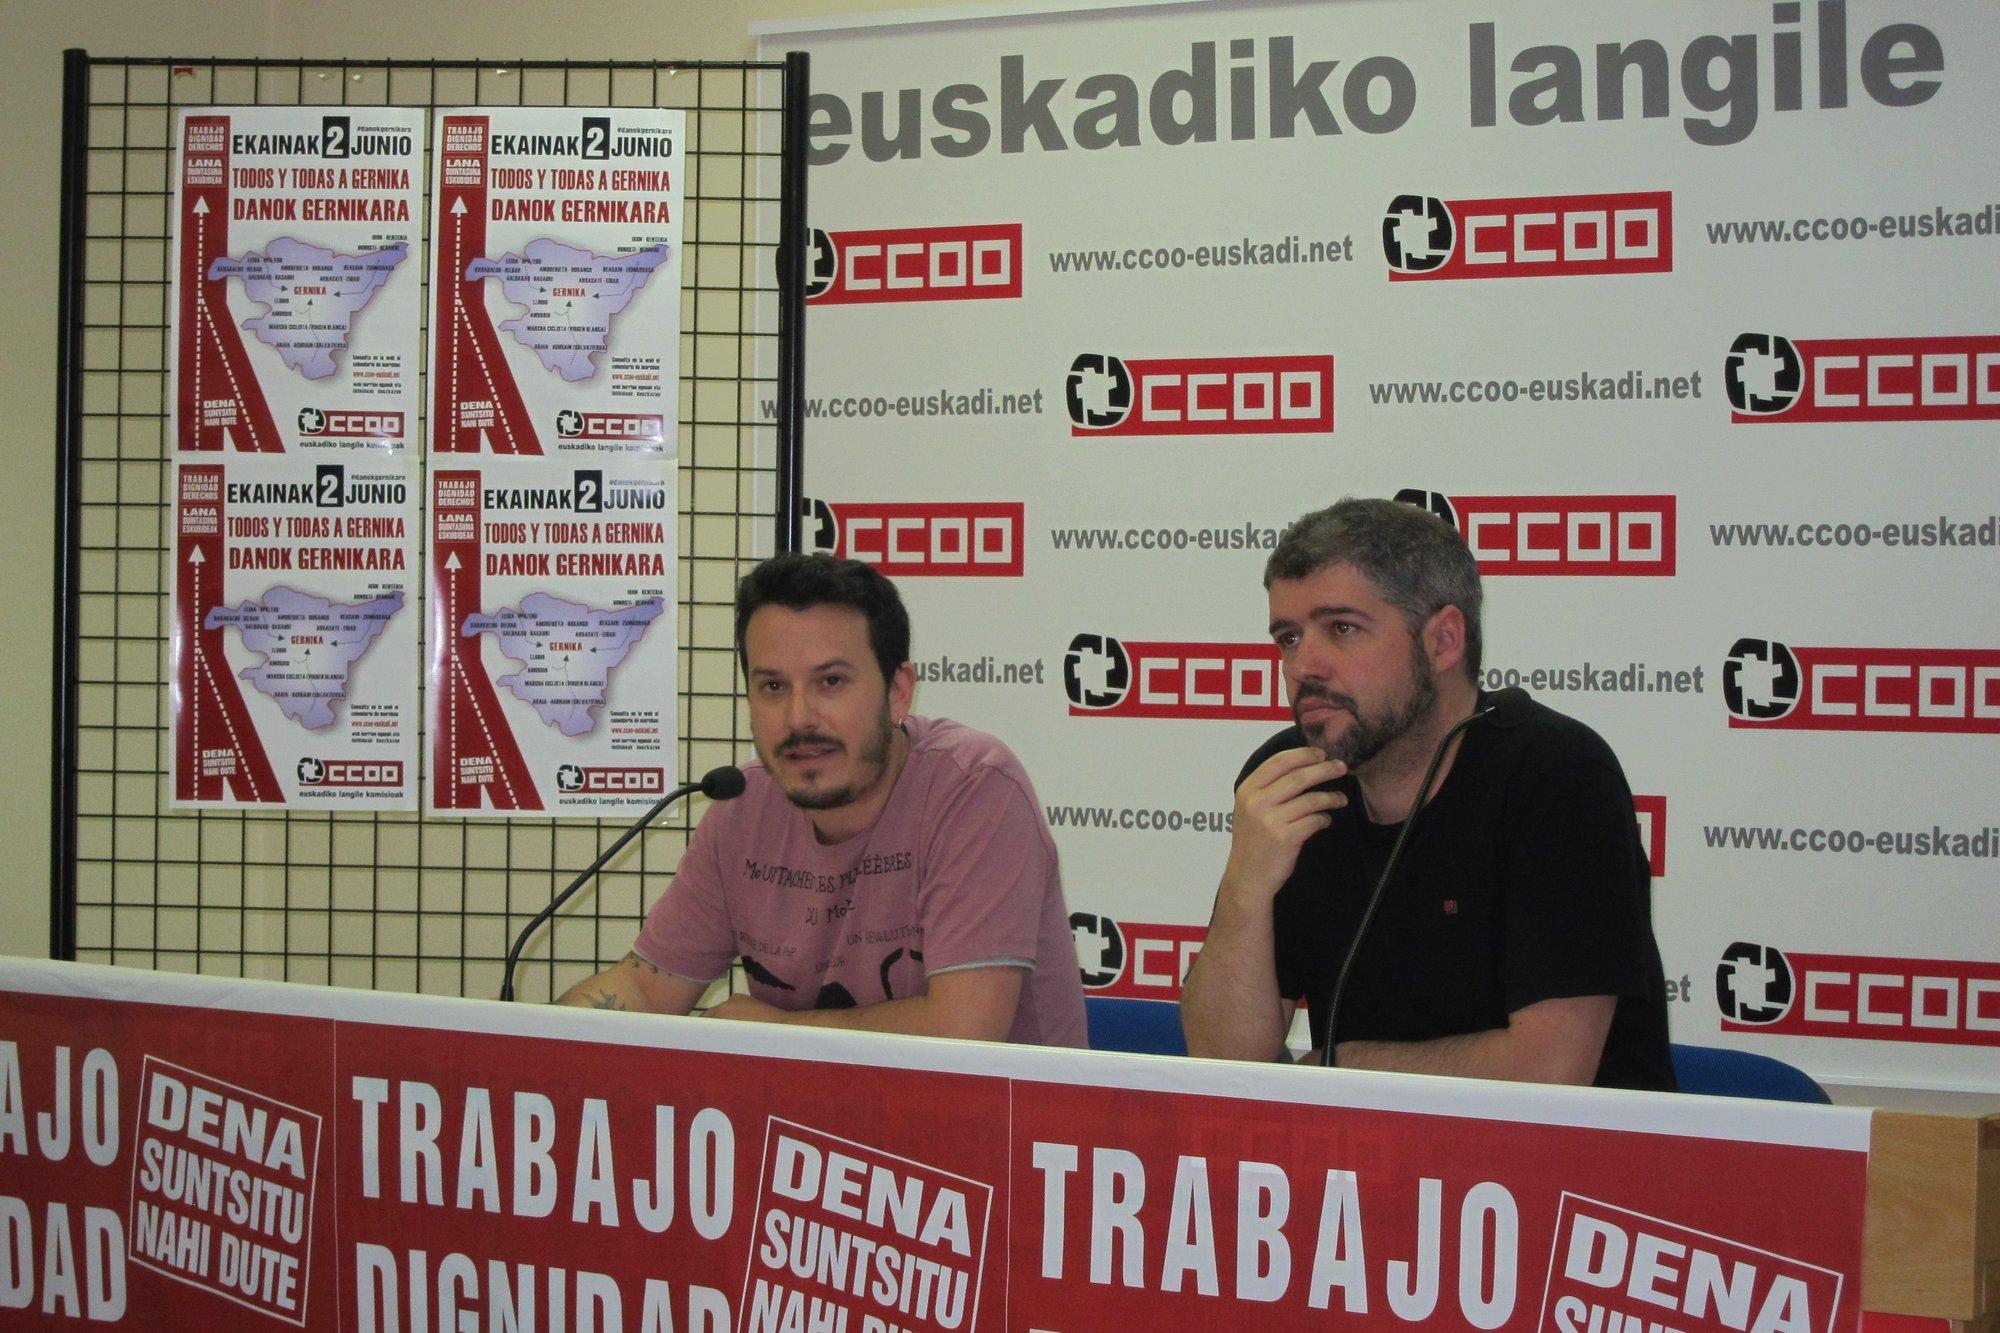 CCOO insta a los sindicatos a movilizarse para «forzar» la negociación colectiva ante la «irresponsabilidad» de patronal